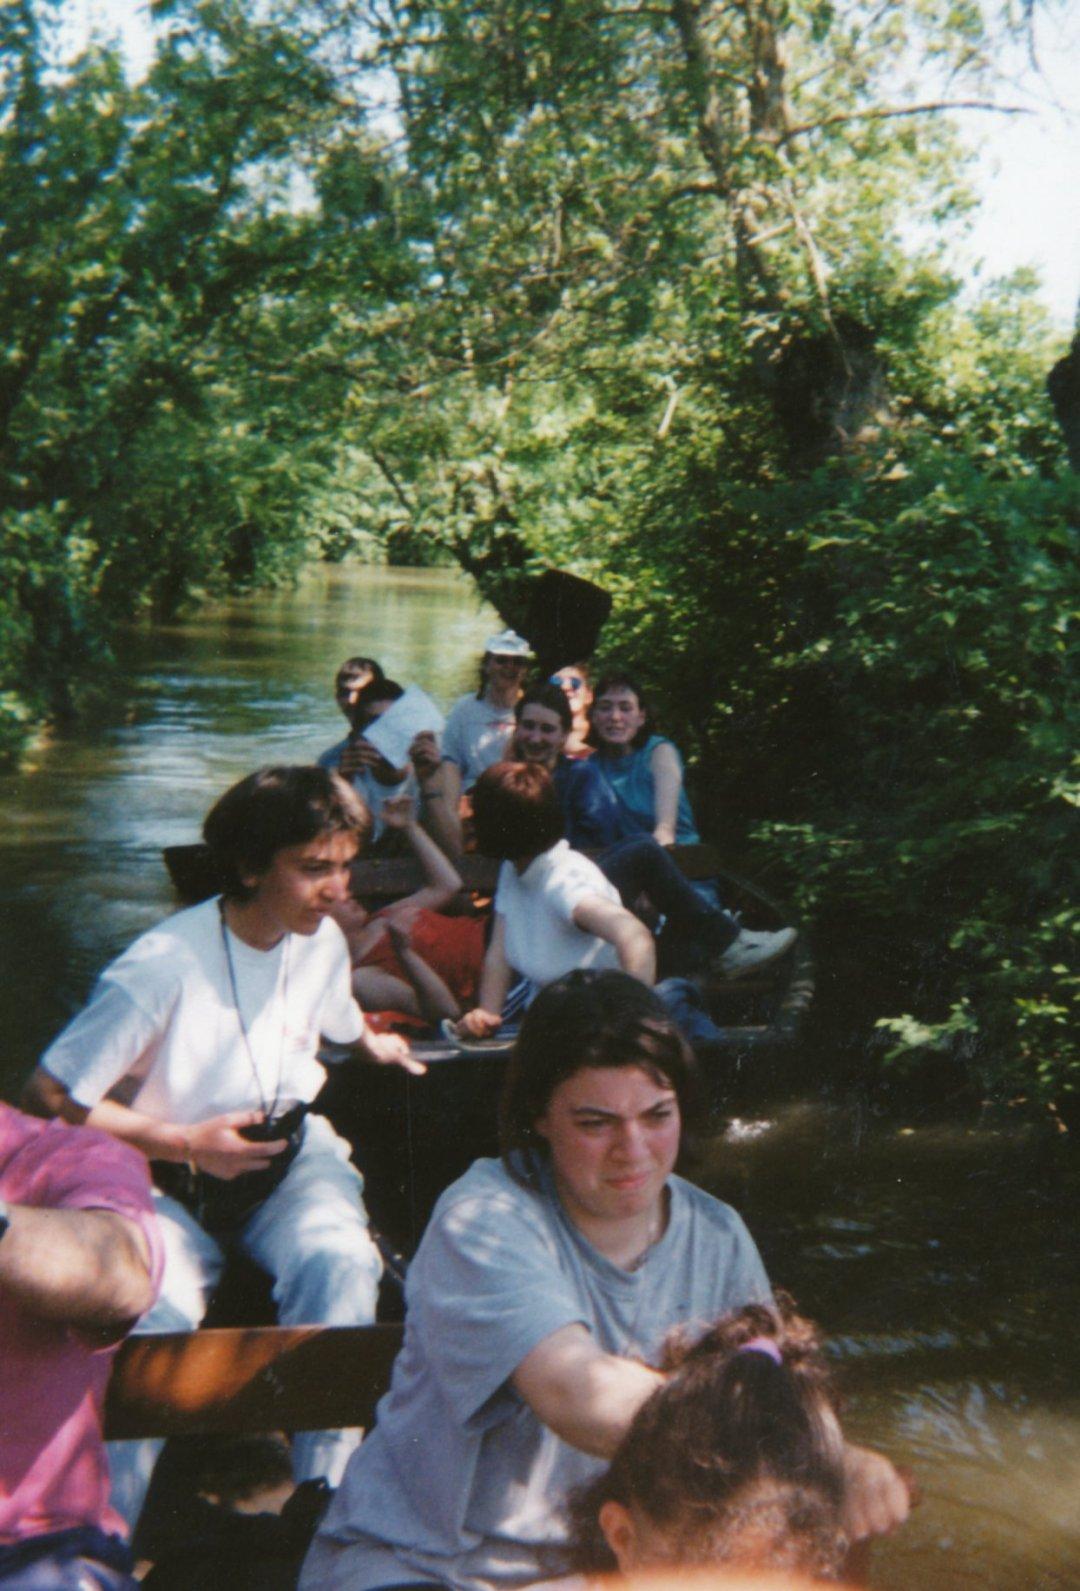 Archives anciens élèves mfr puy-sec 1993 (7)